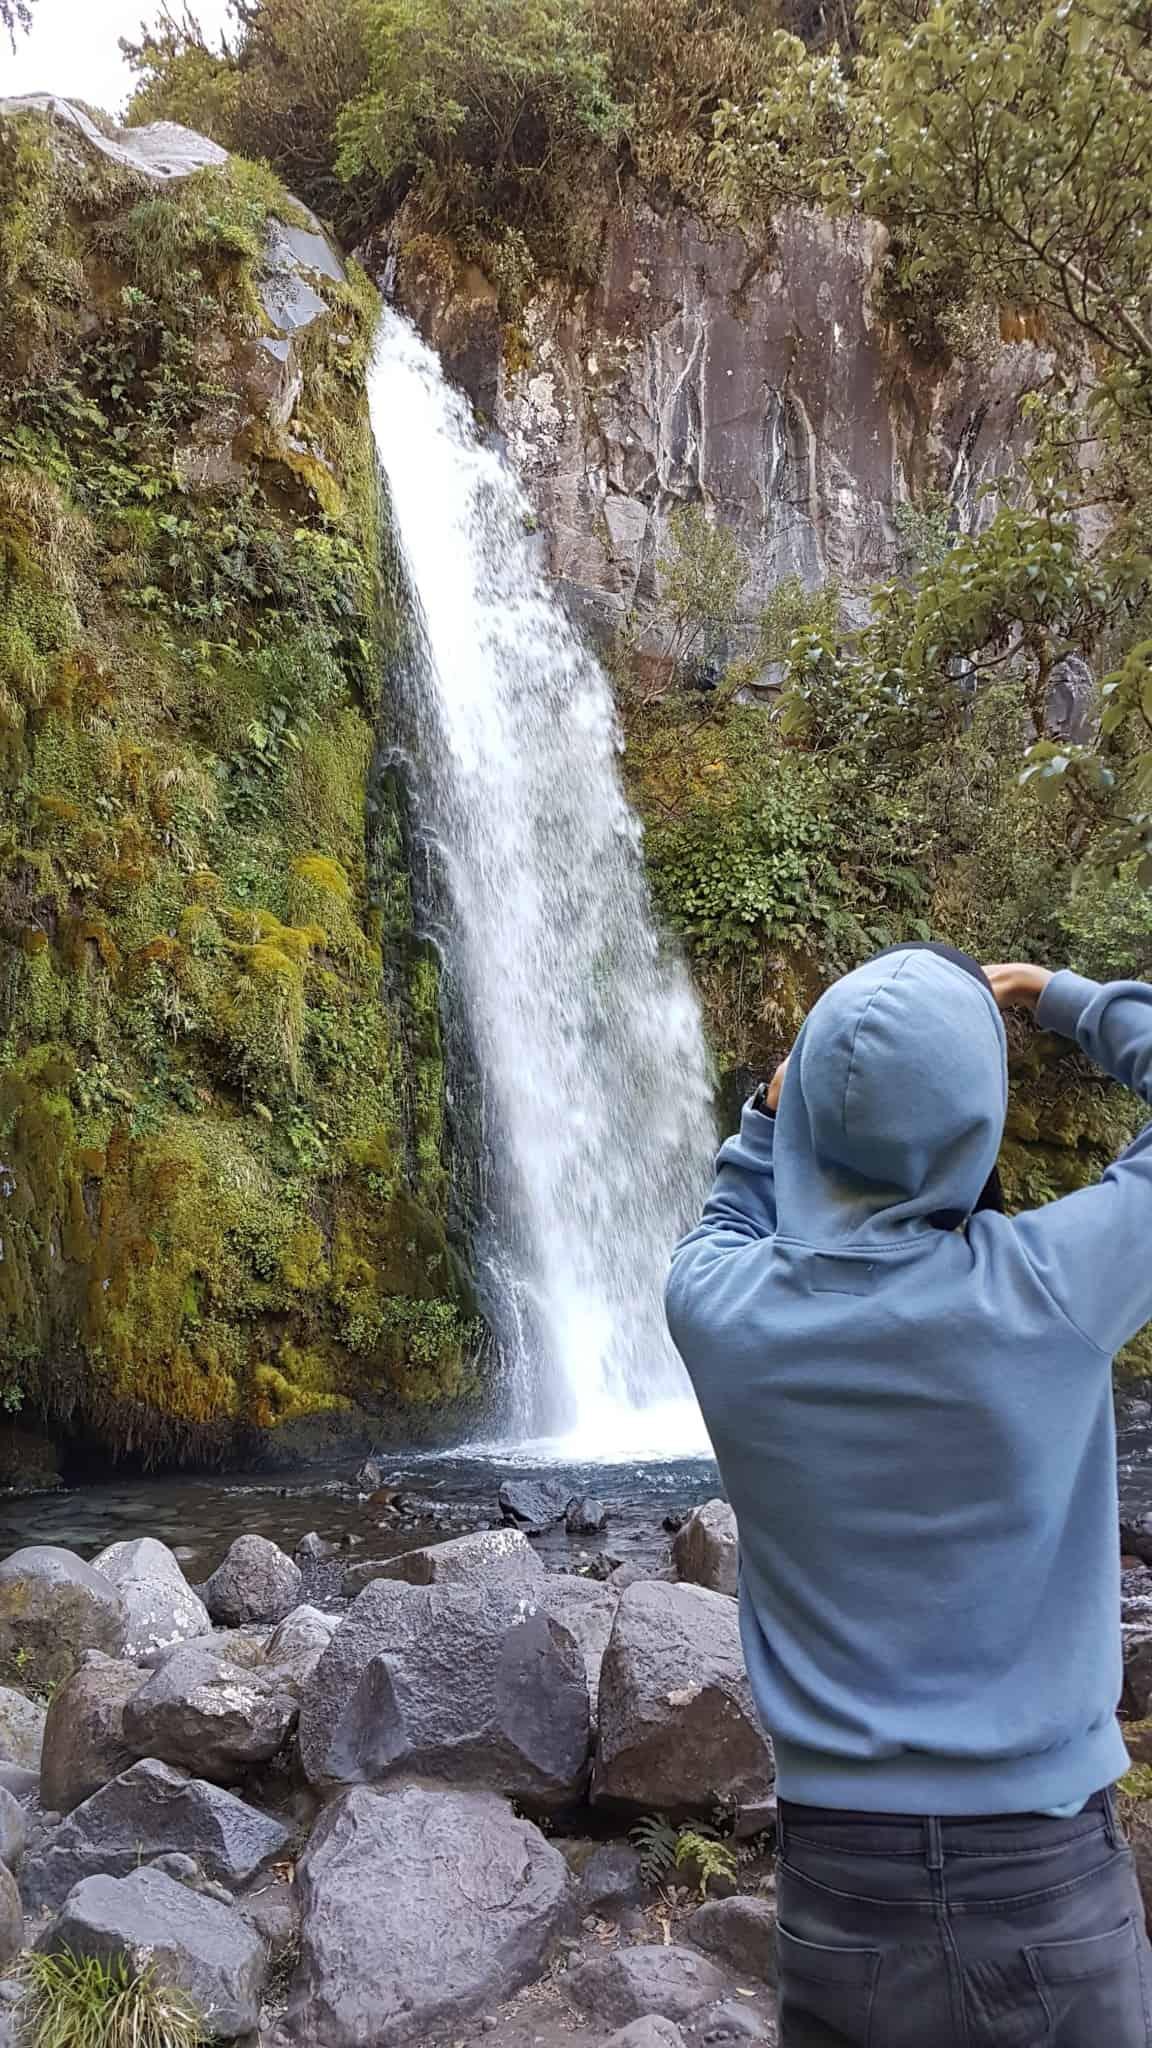 Nouvelle-Zélande, quand ta randonnée se transforme en chasse au trésor dans la jungle 🕵️♂️ 8